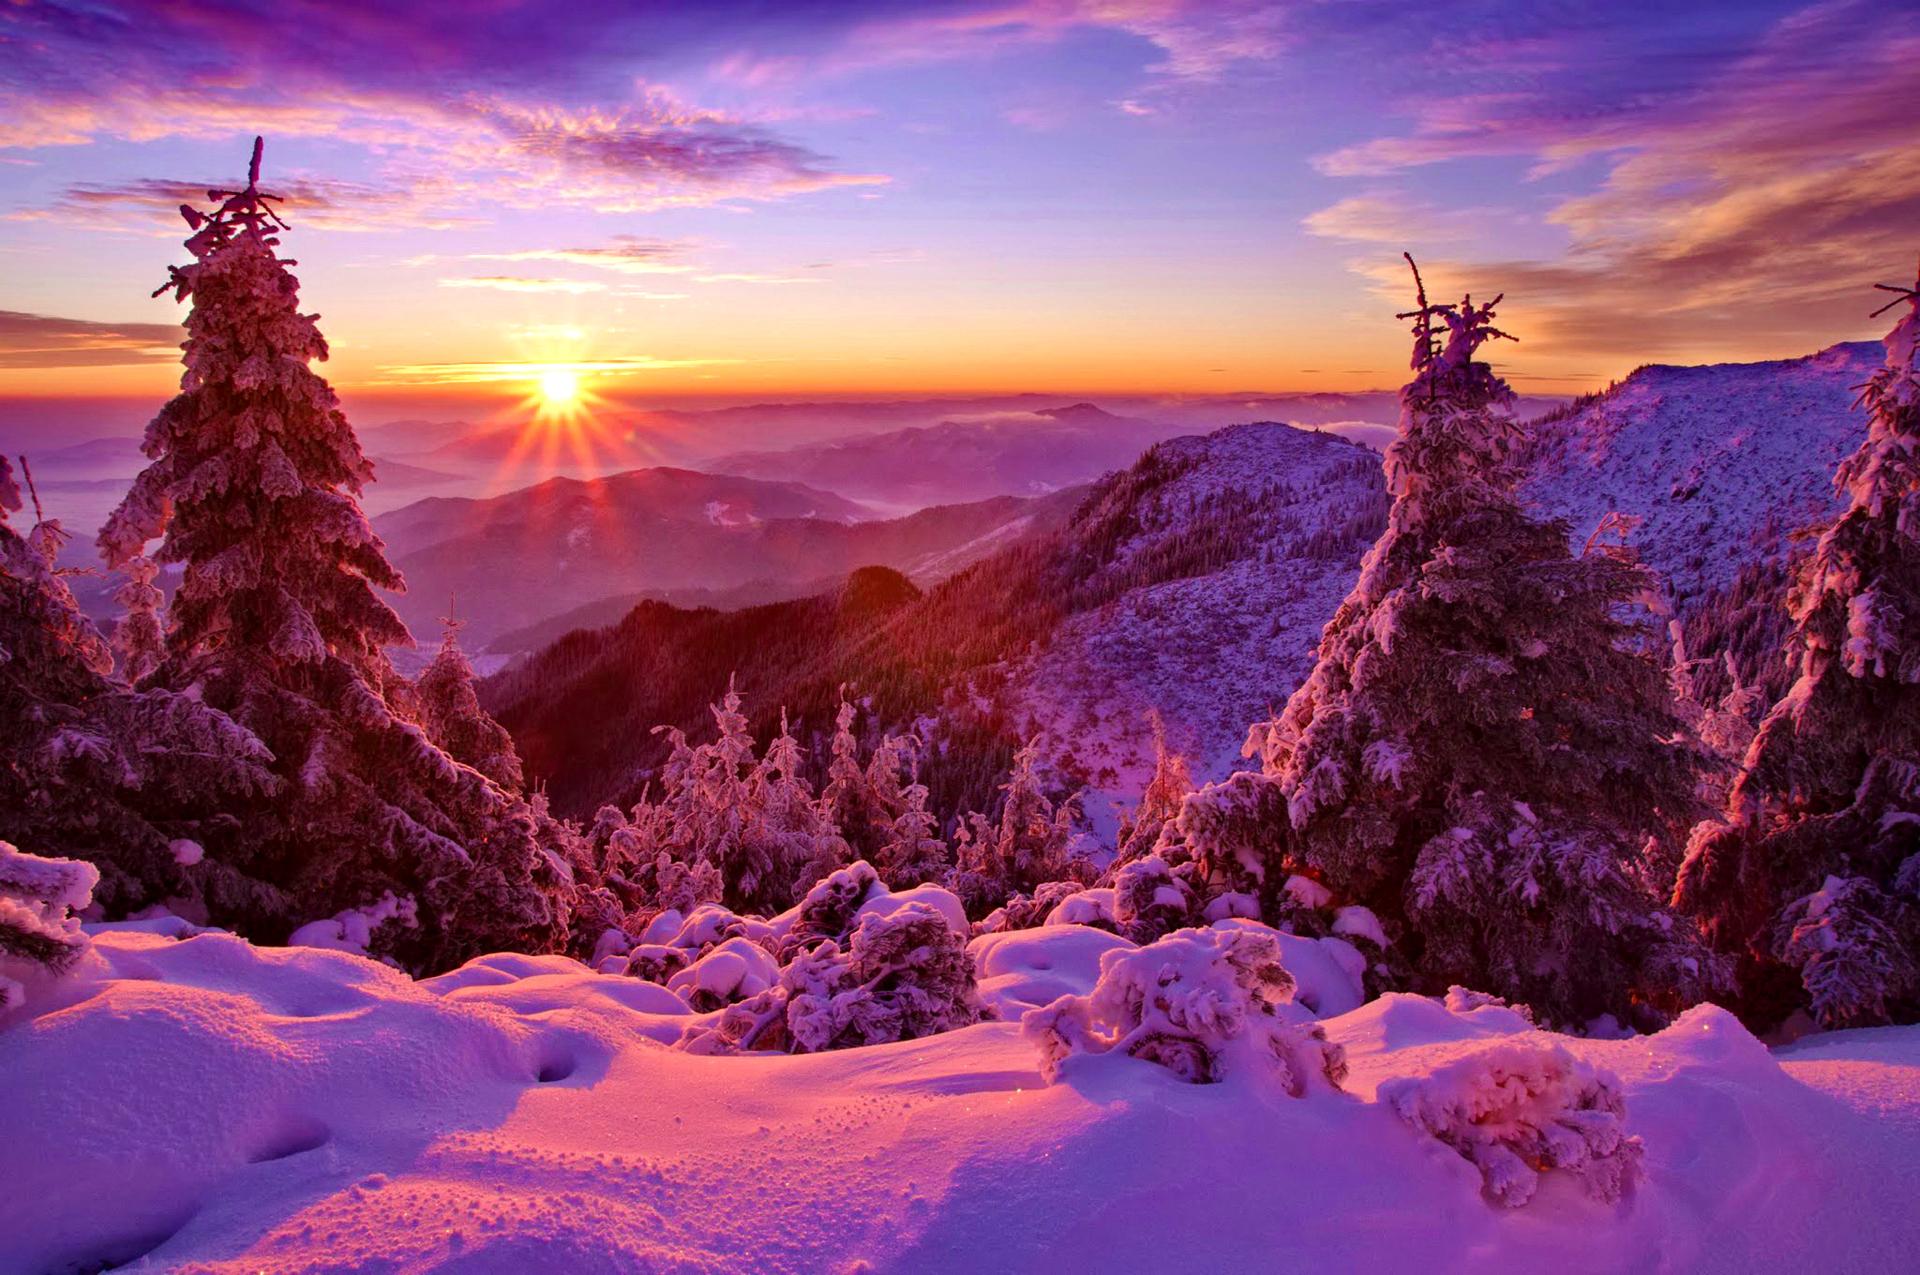 закат в снегах картинки зрителей так полюбили